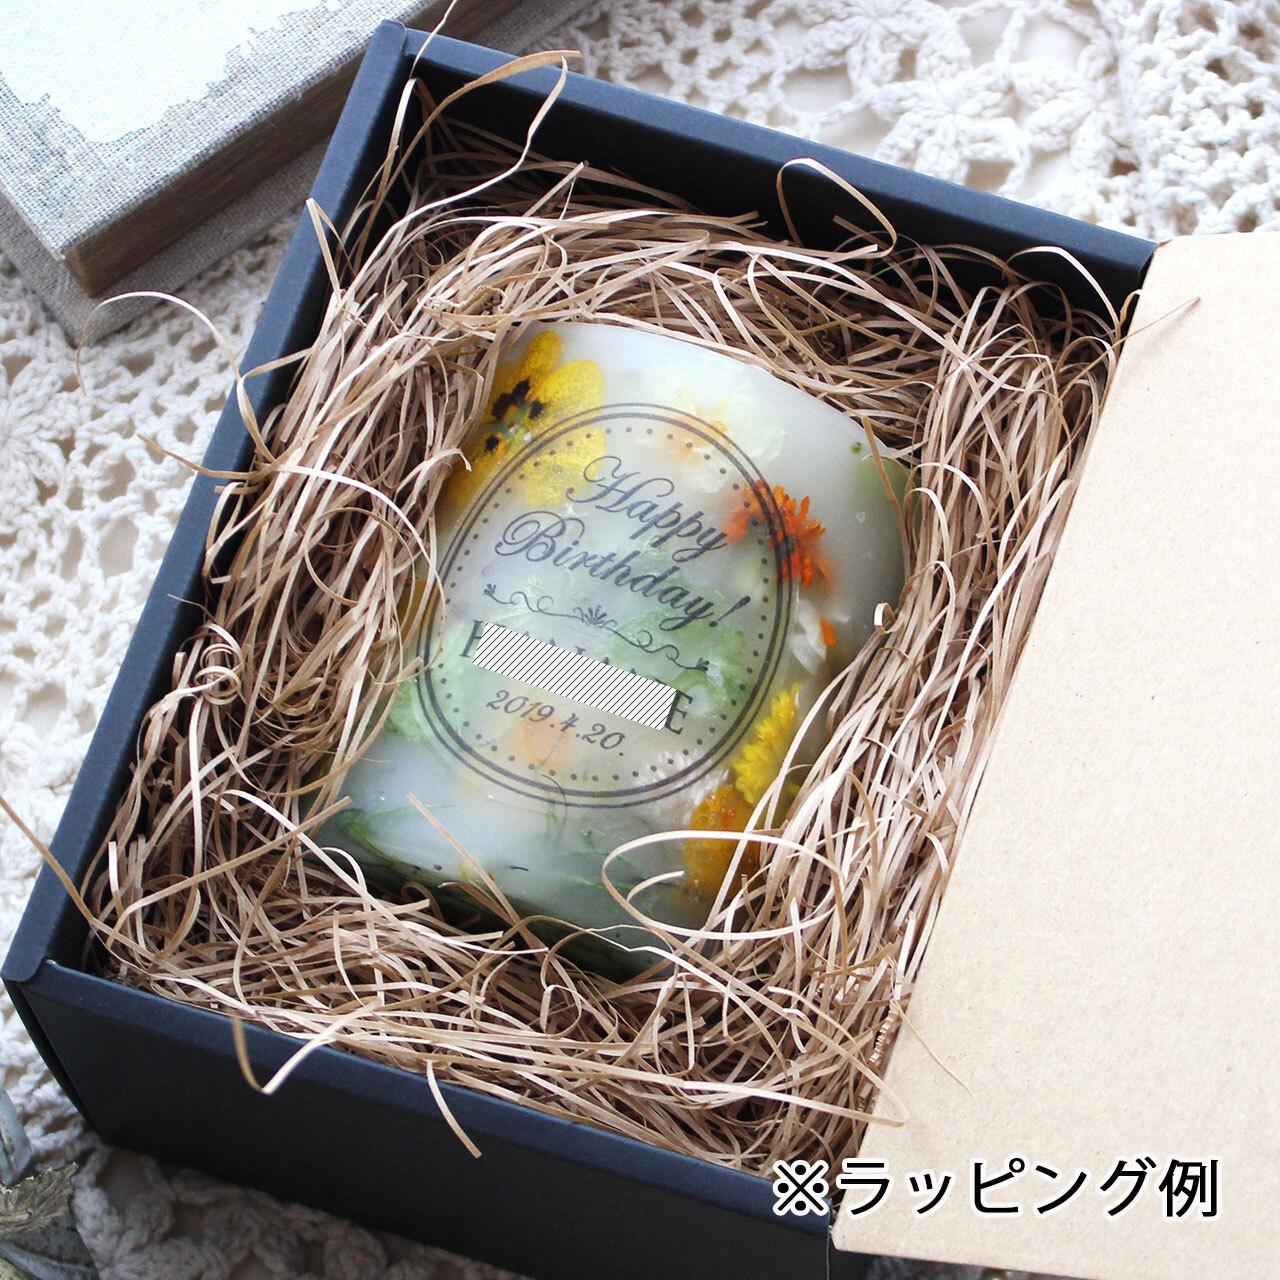 NC239 ギフトラッピング付き☆メッセージ&日付&名入れボタニカルキャンドル プリザーブドローズ